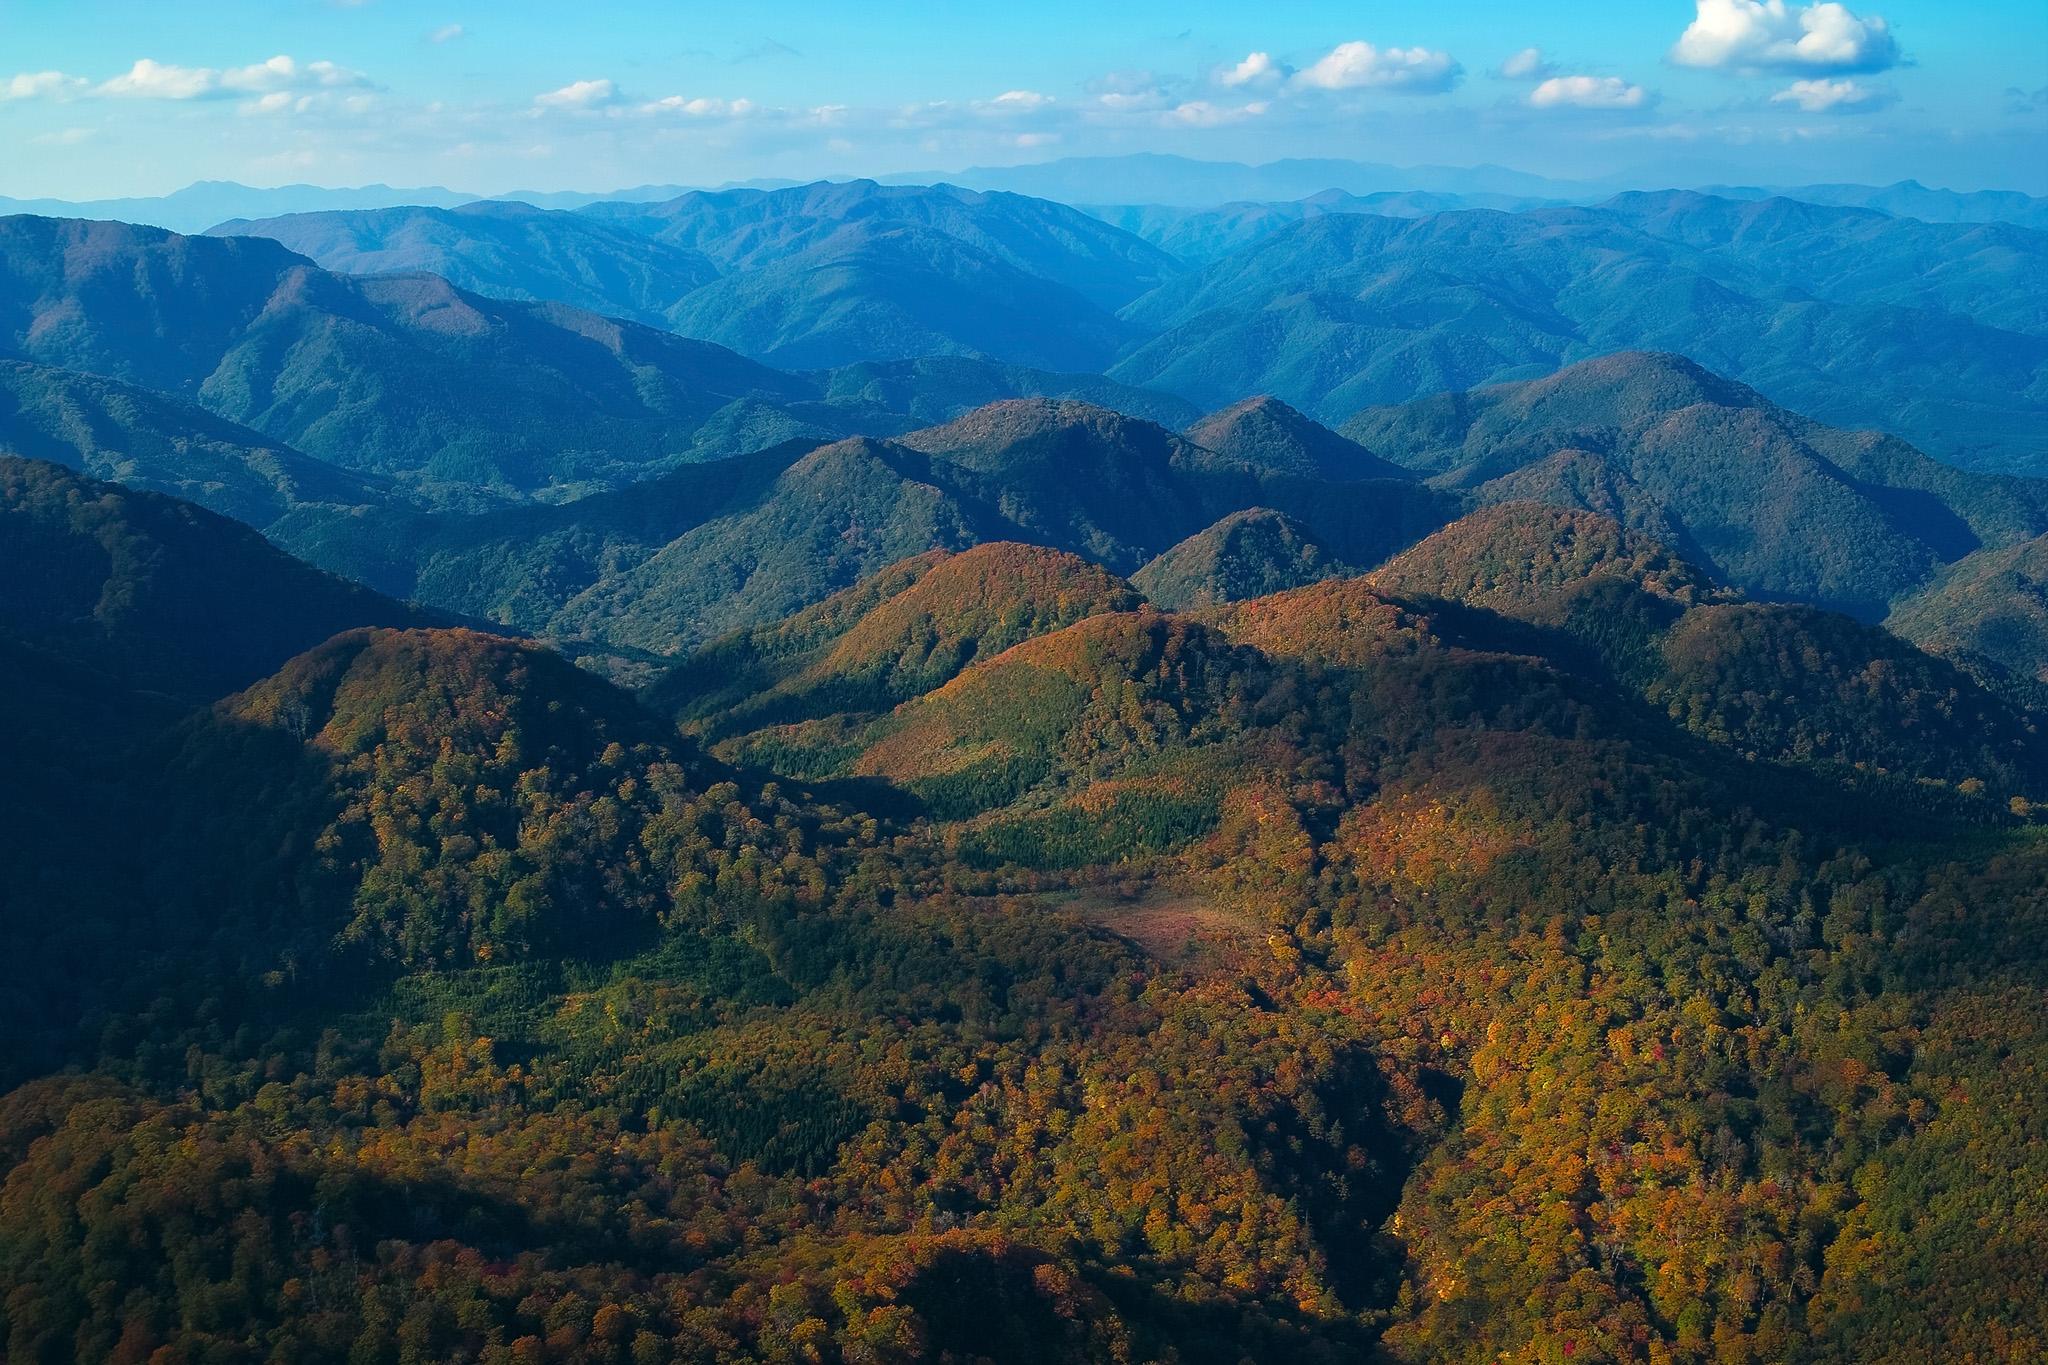 「山の風景」の画像を無料ダウンロード